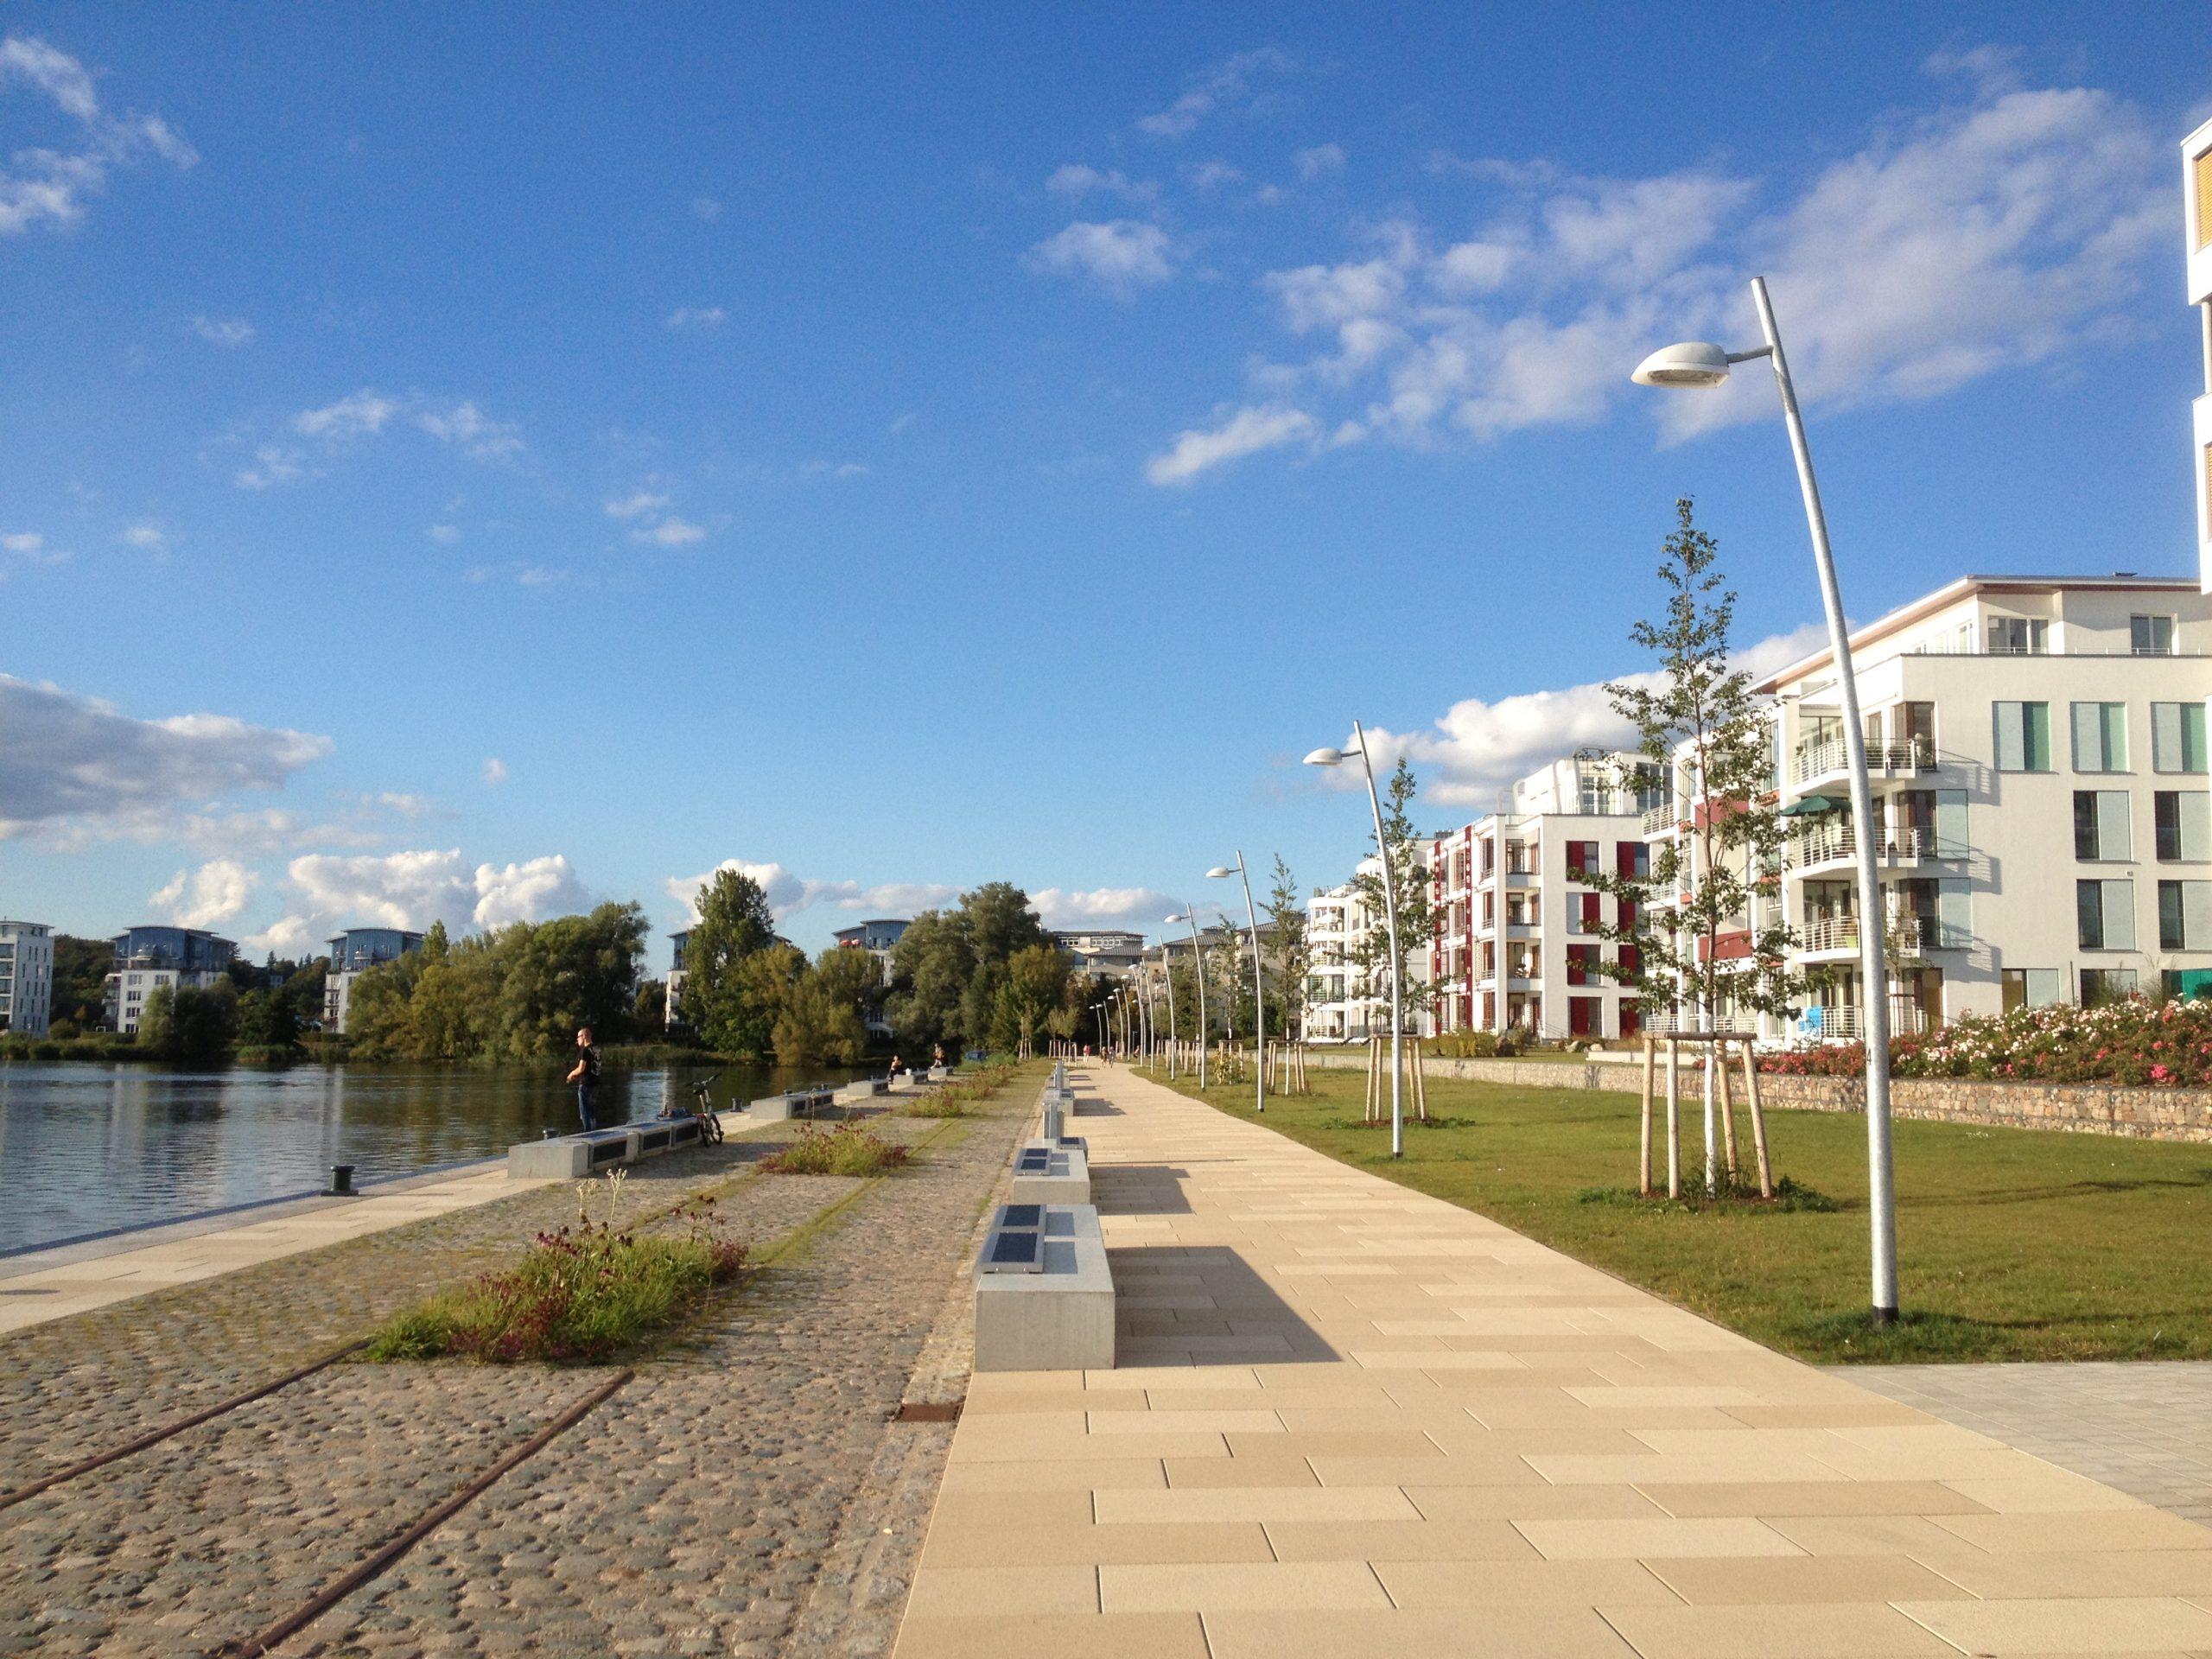 Leben am Wasser. Am Alten Industriehafen am Ziegelsee mit Hotel Speicher und neuer Hafenpromenade Schwerin. Foto: BHF.